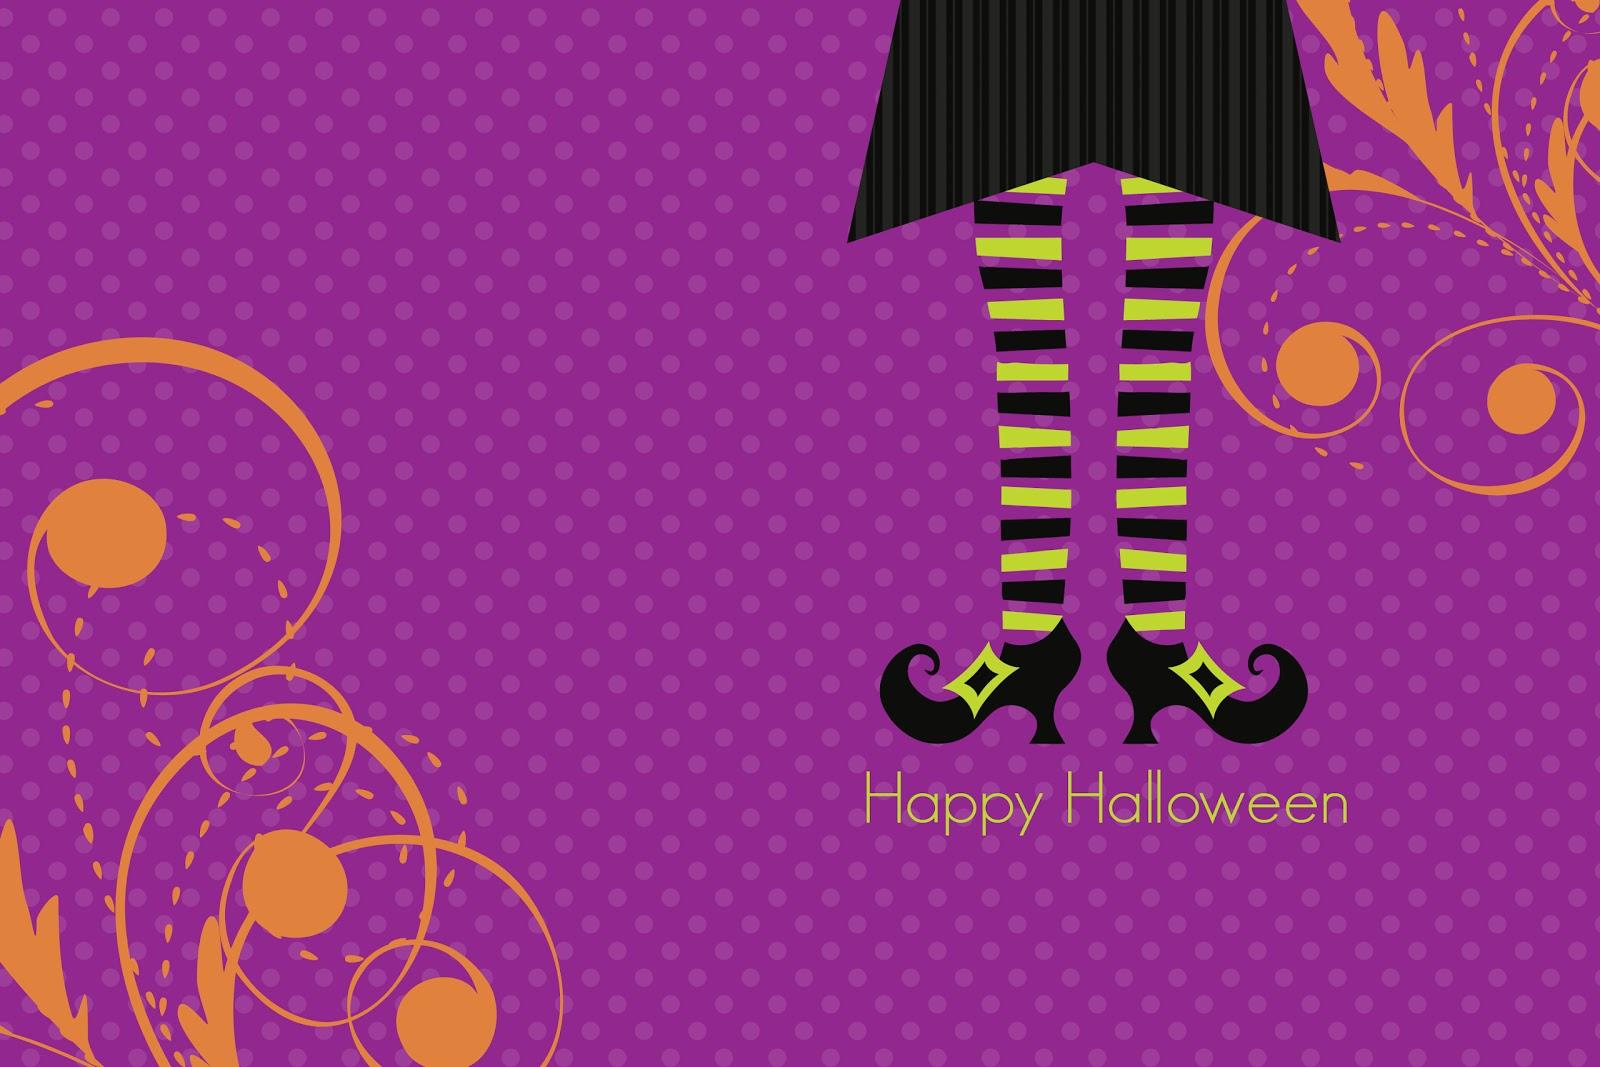 happy-halloween-dekstop-wallpaper